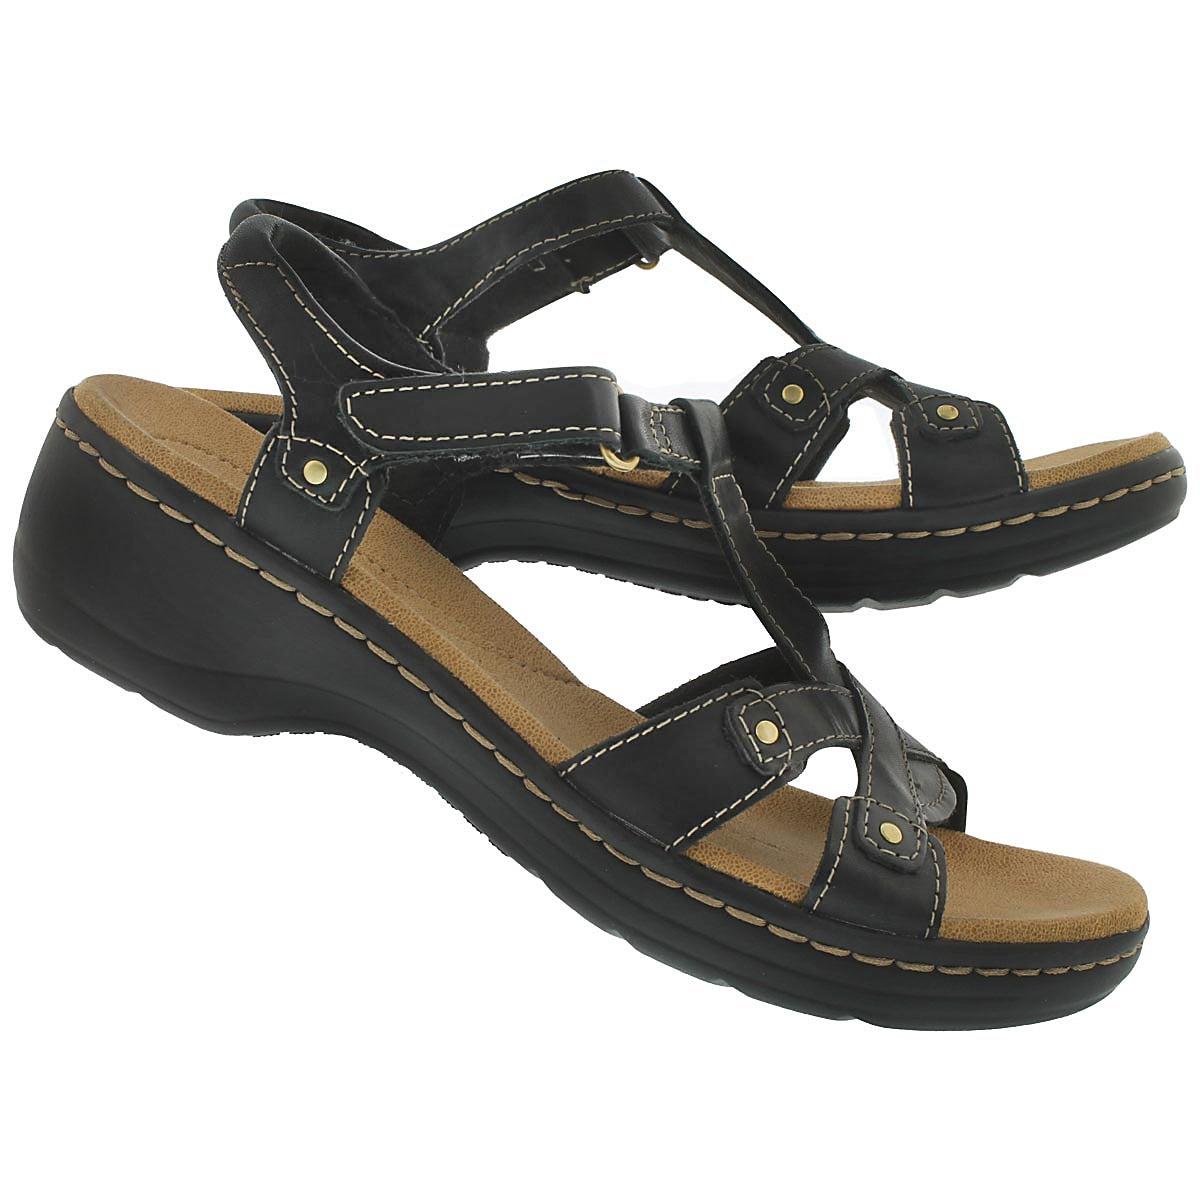 Lds Flute black casual sandal